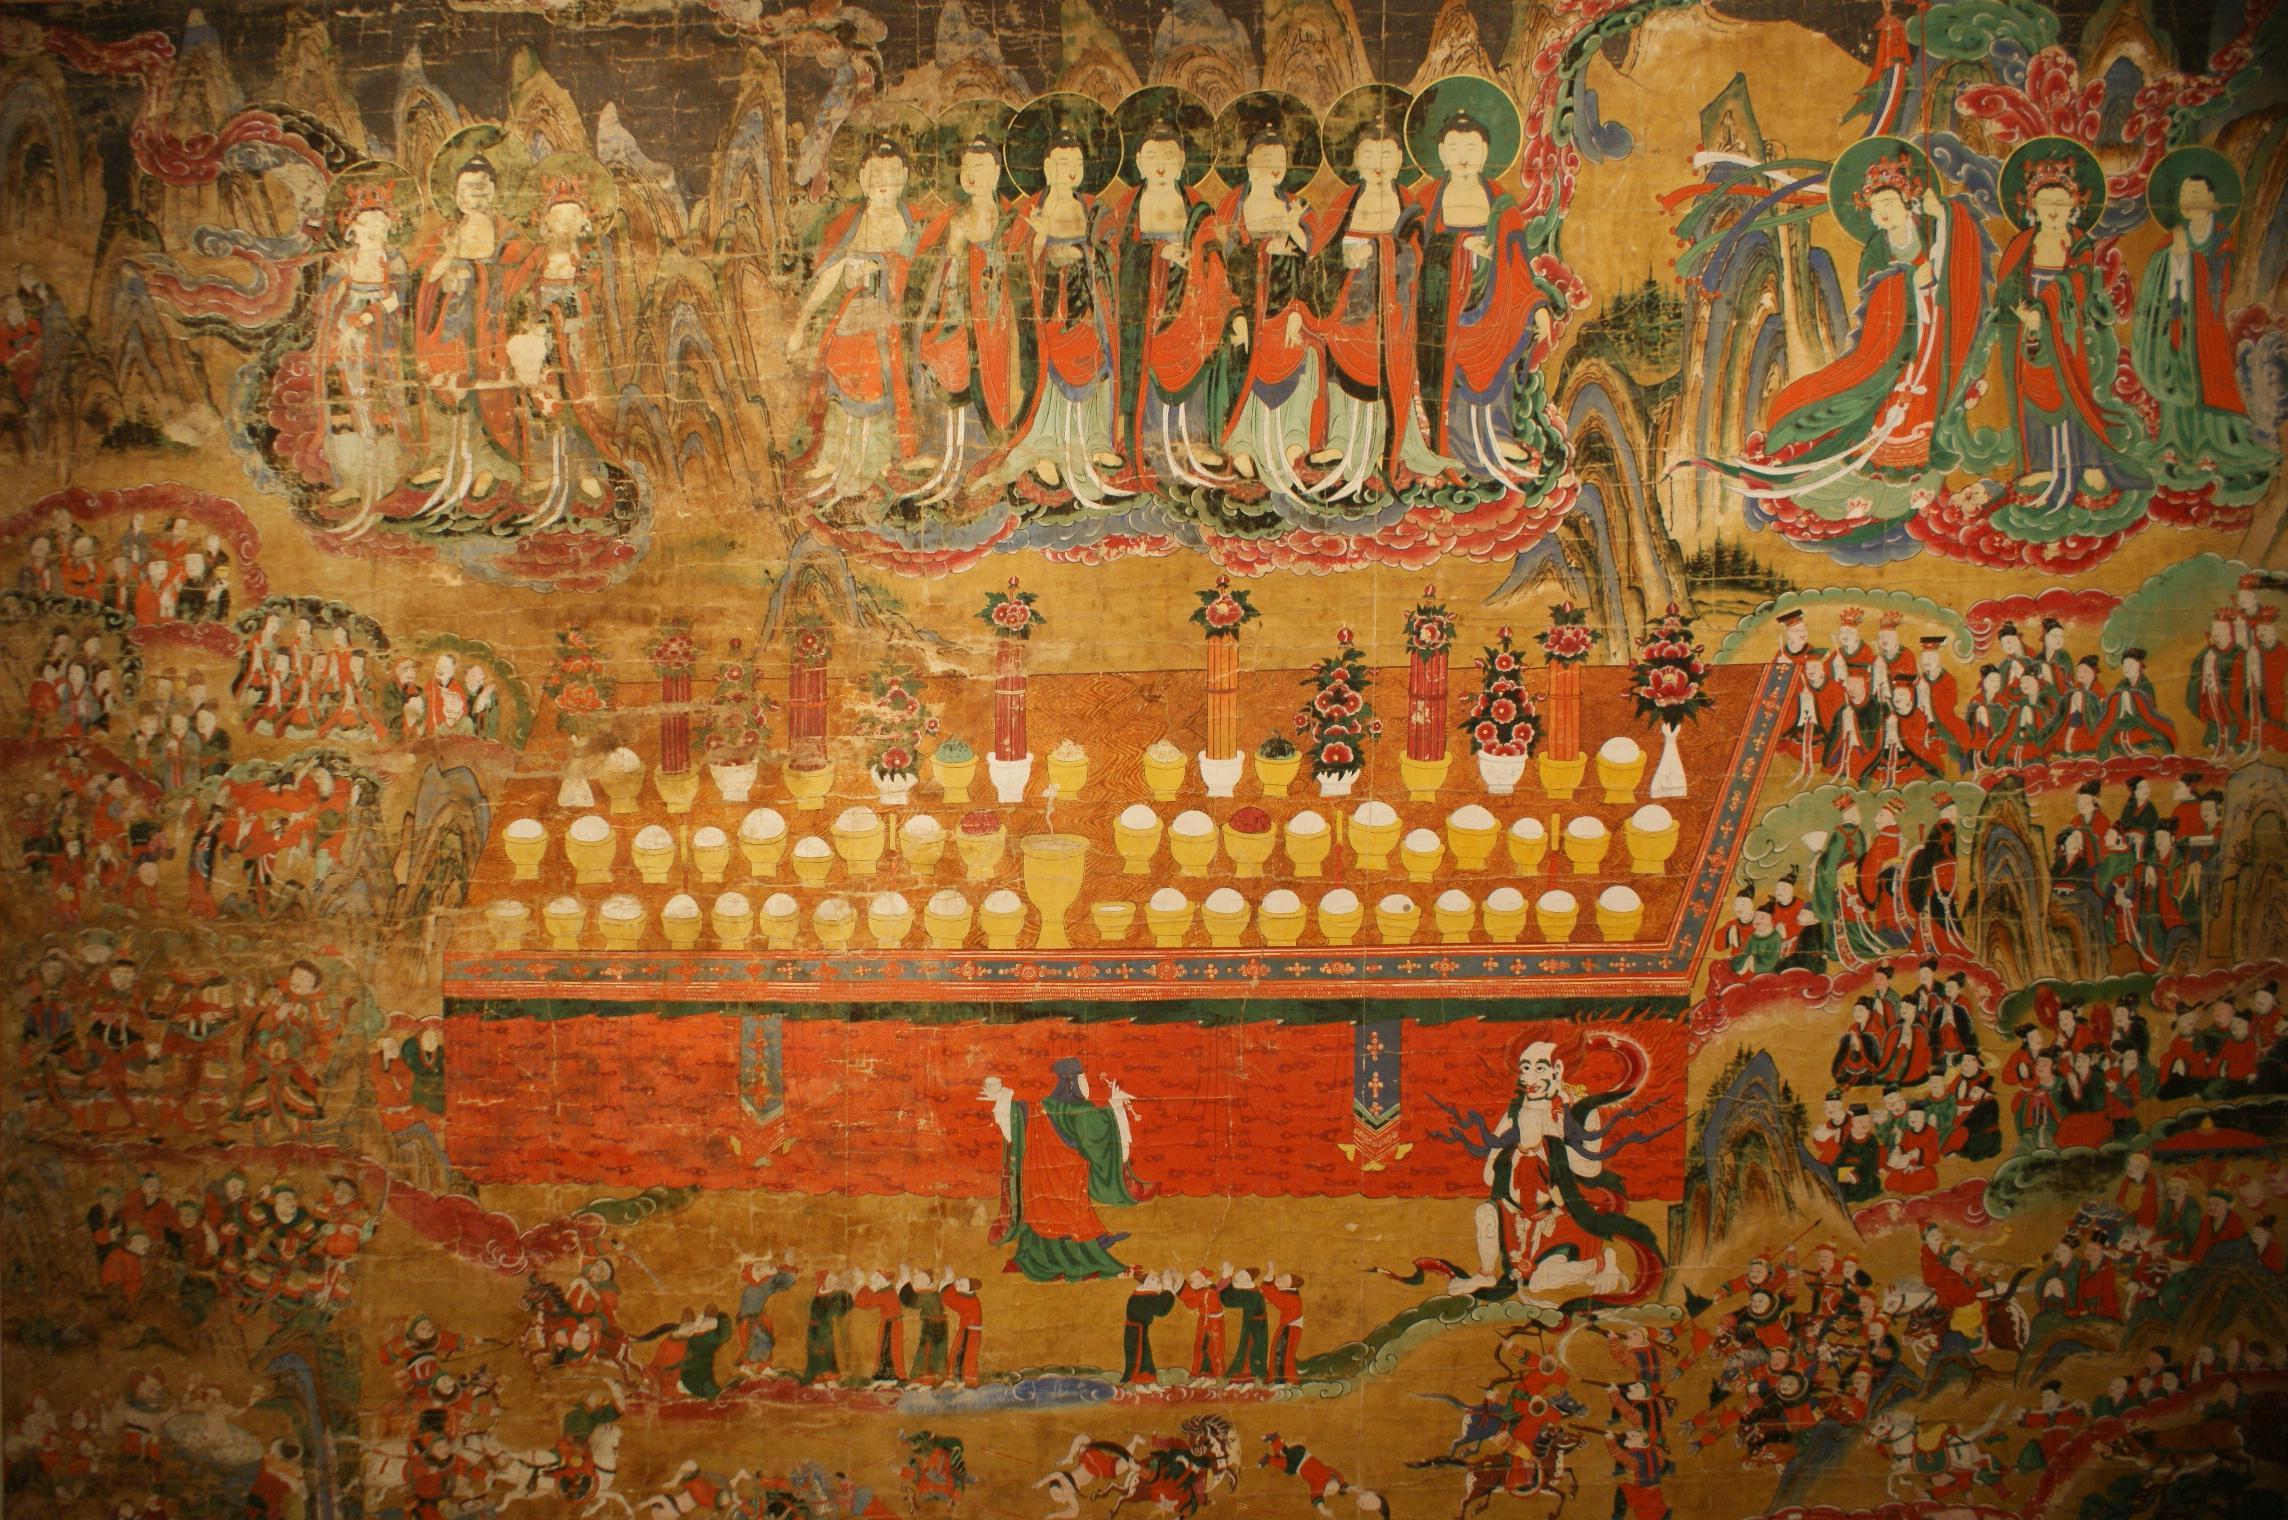 보물 제1239호 감로탱화(甘露幀畵)